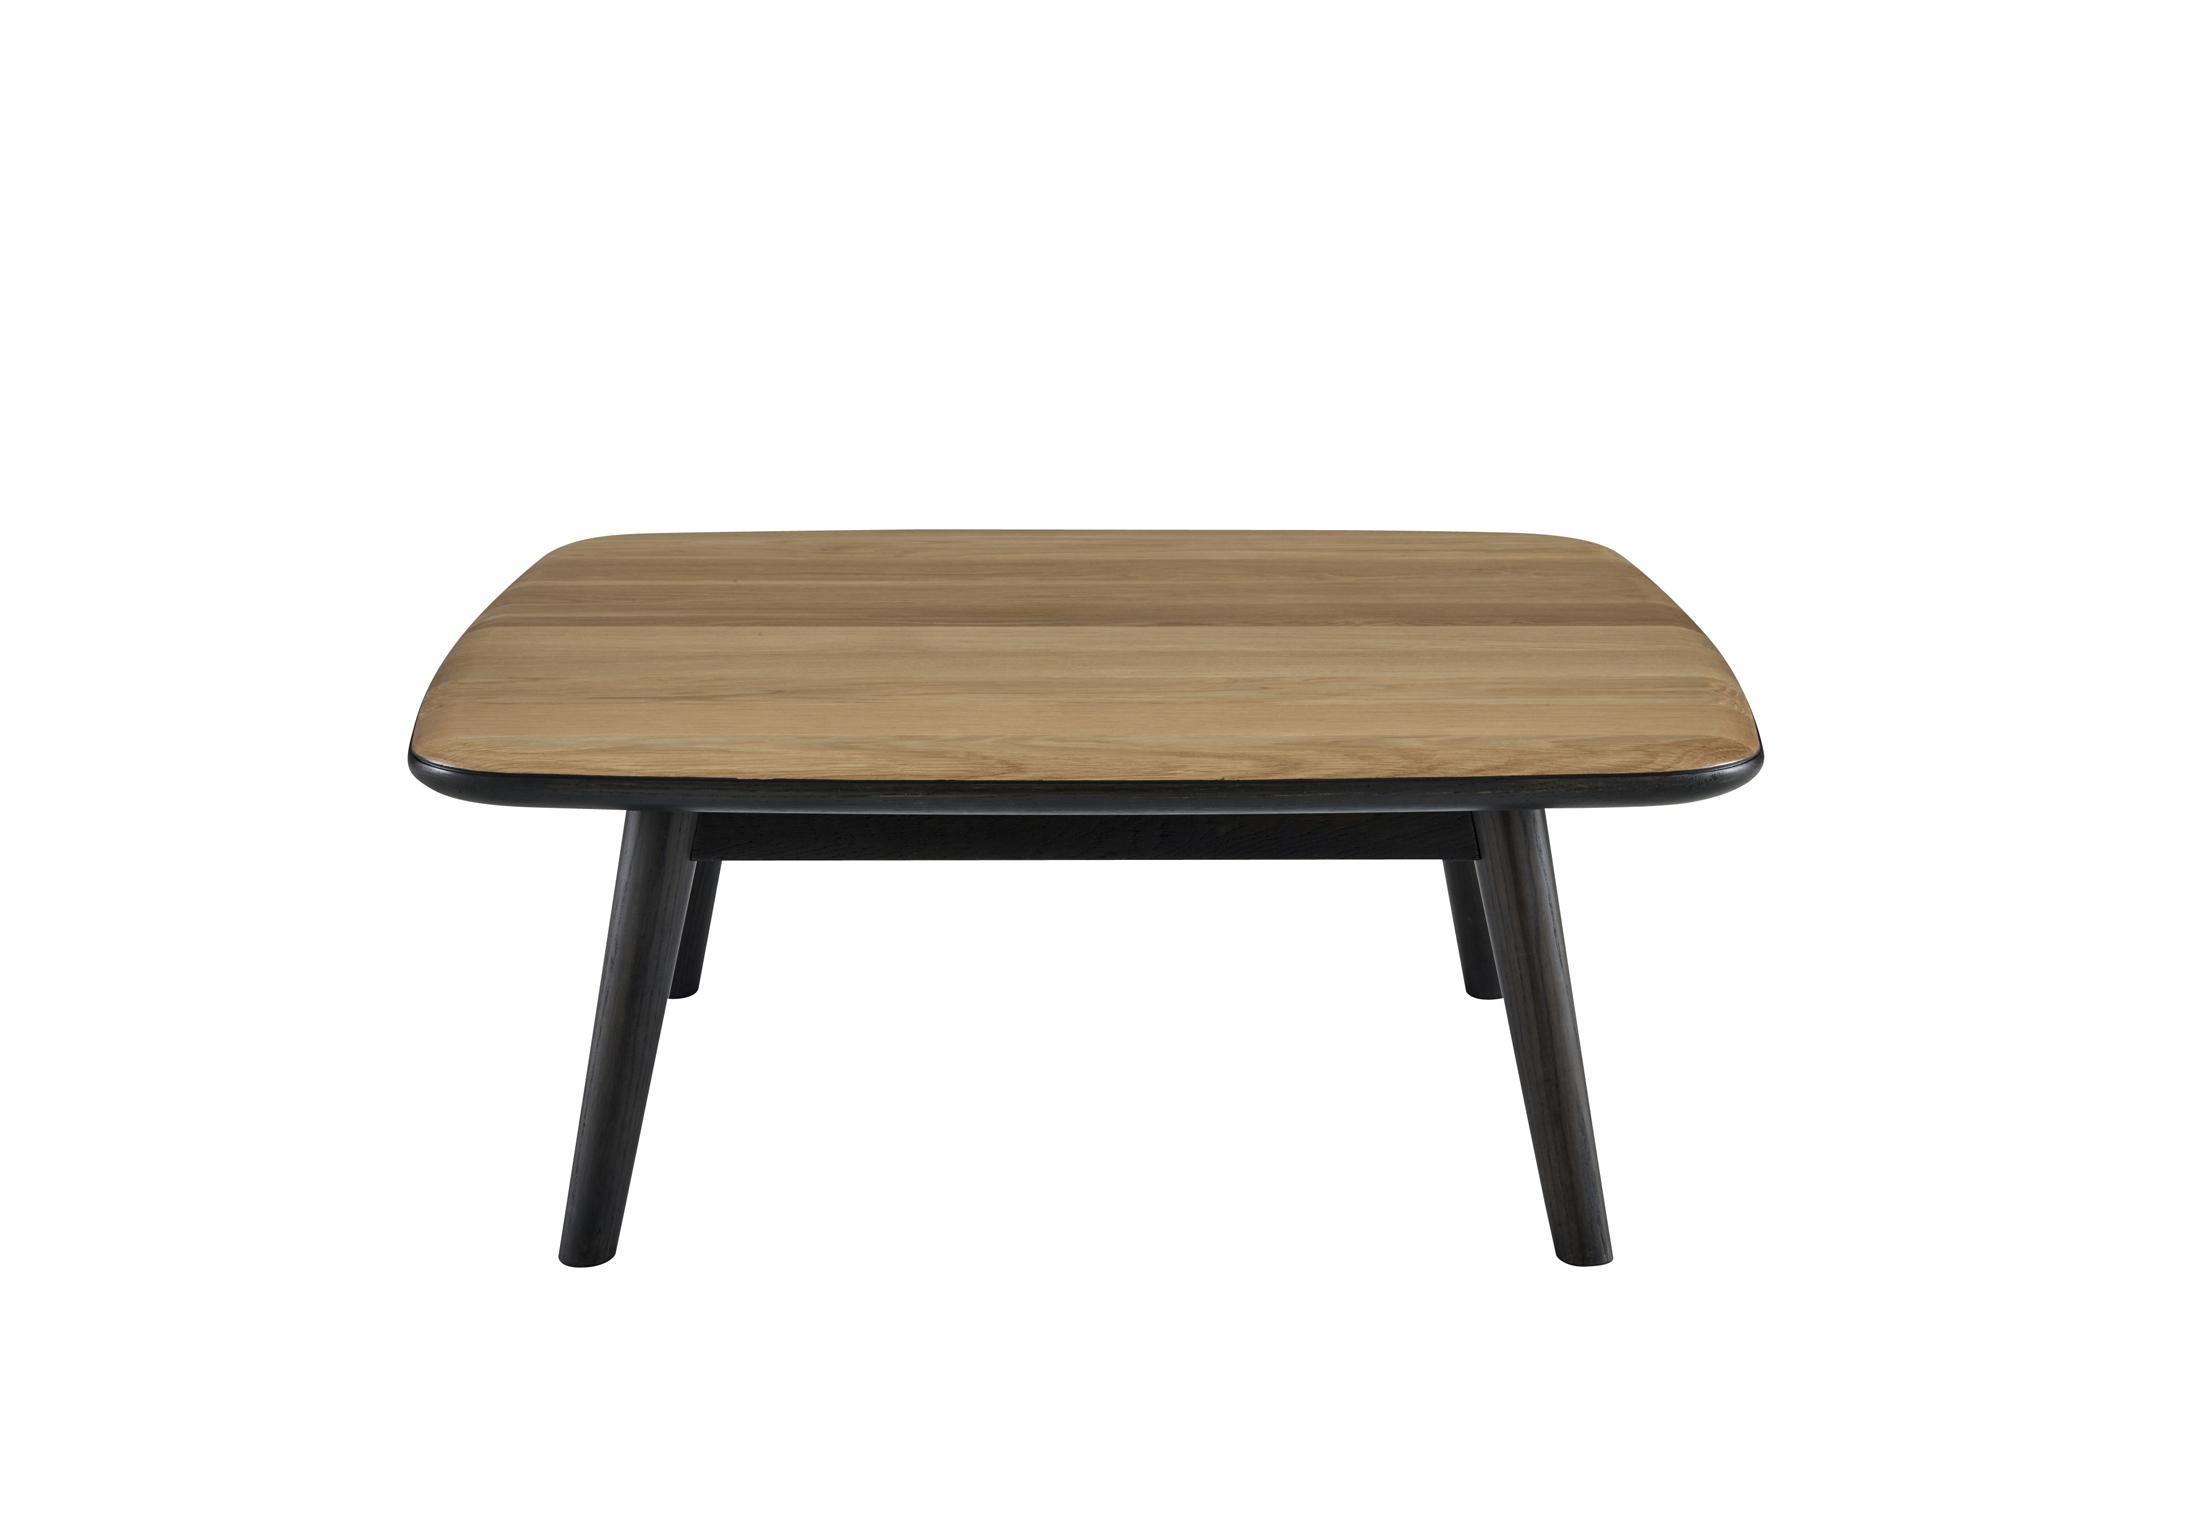 lady carlotta couchtisch von ligne roset stylepark. Black Bedroom Furniture Sets. Home Design Ideas